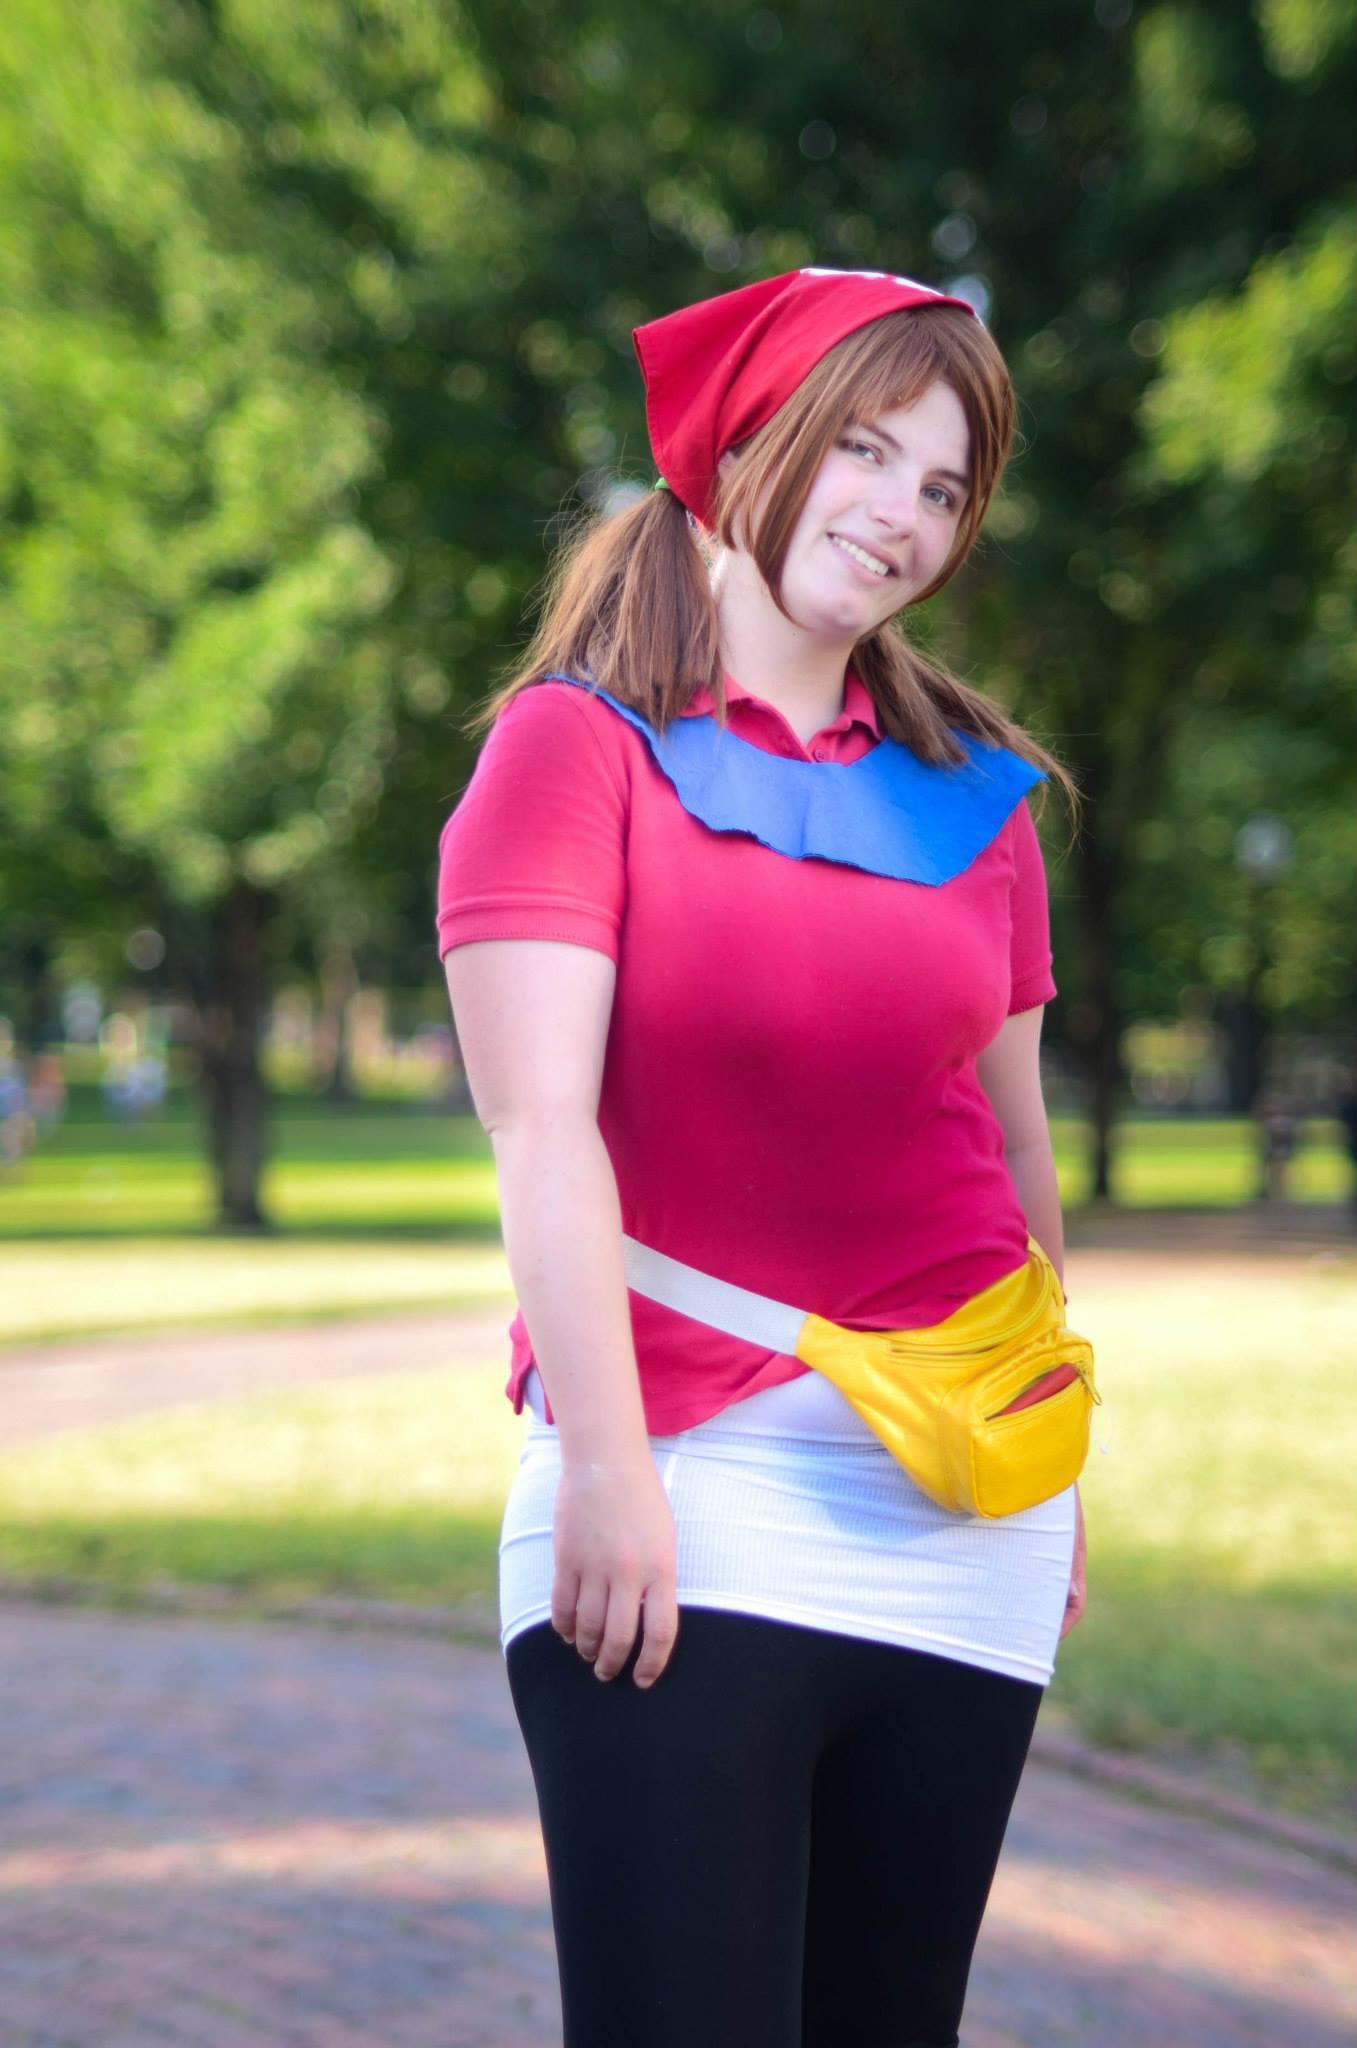 May / Haruka from Pokemon by Jessica Claflin/Bunny Moon ...